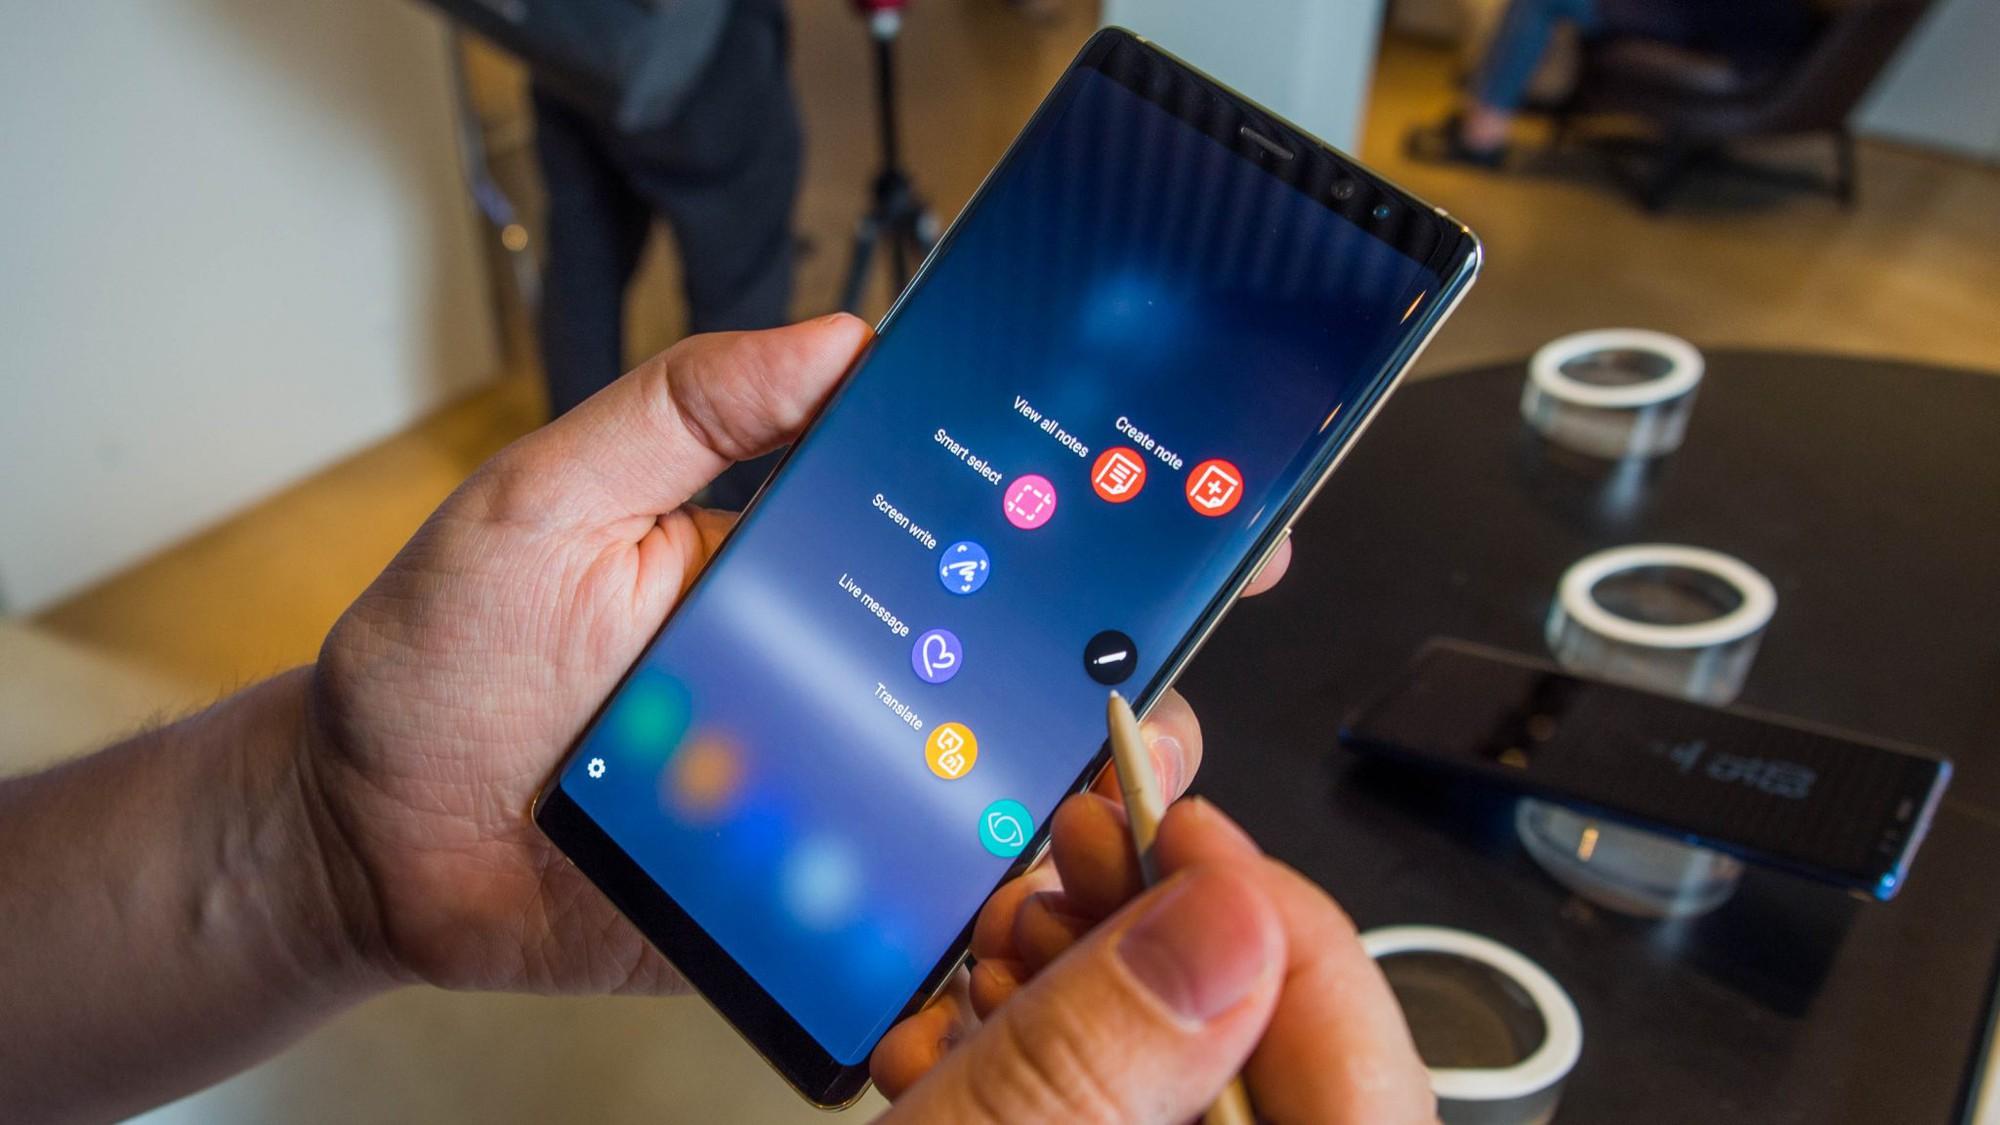 3 tin đồn nóng hổi khiến Galaxy Note 9 được háo hức chờ đợi hơn bao giờ hết - Ảnh 1.